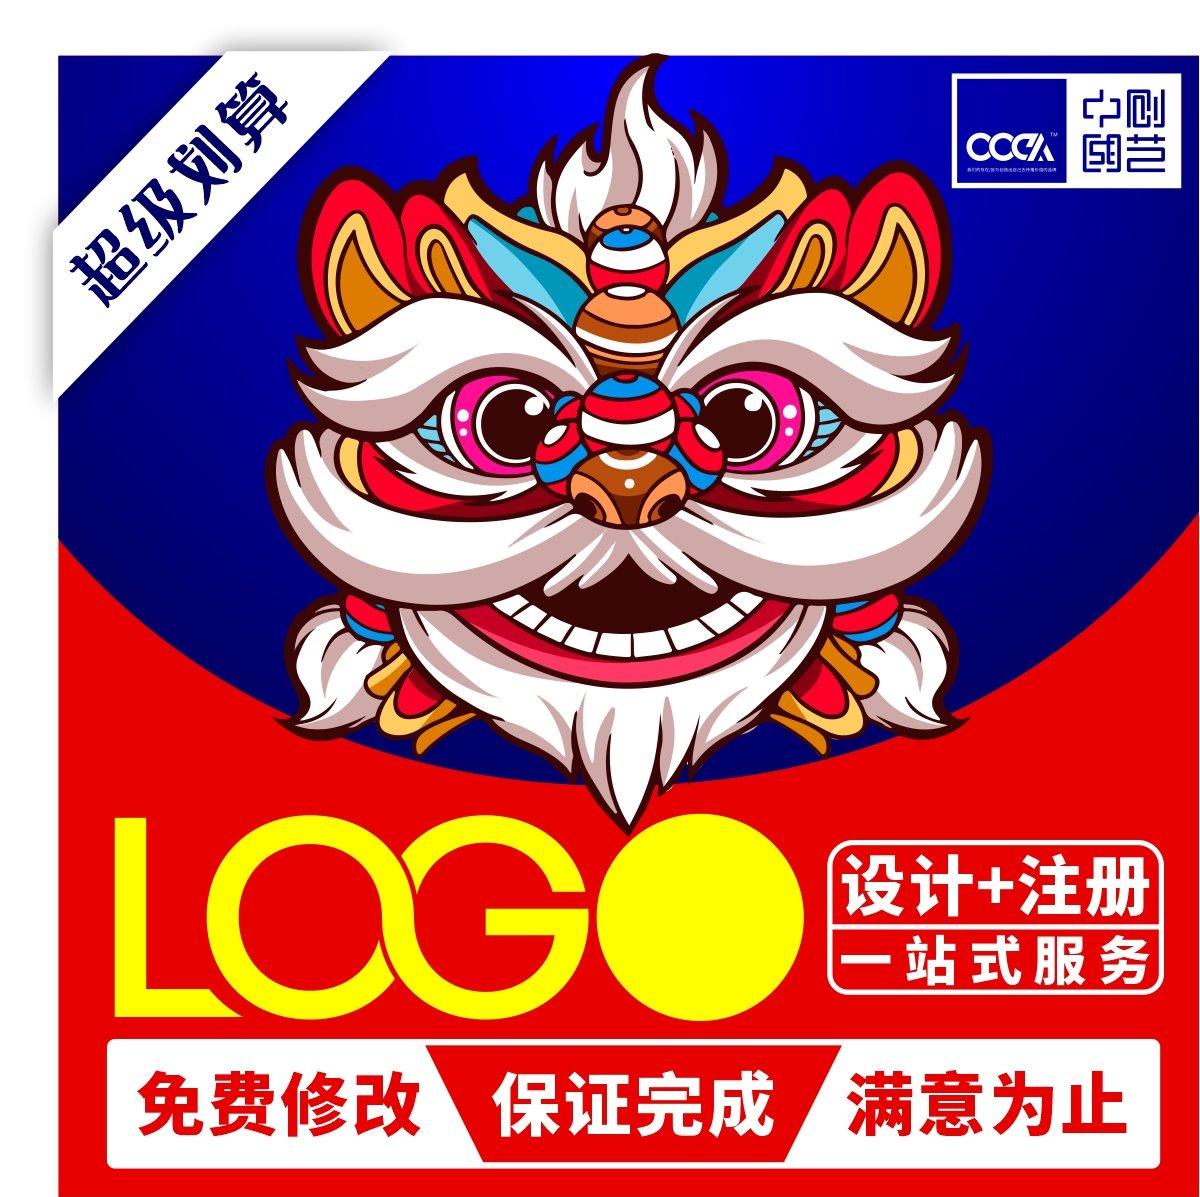 餐饮企业品牌标志logo设计公司商标设计logos设计图形标